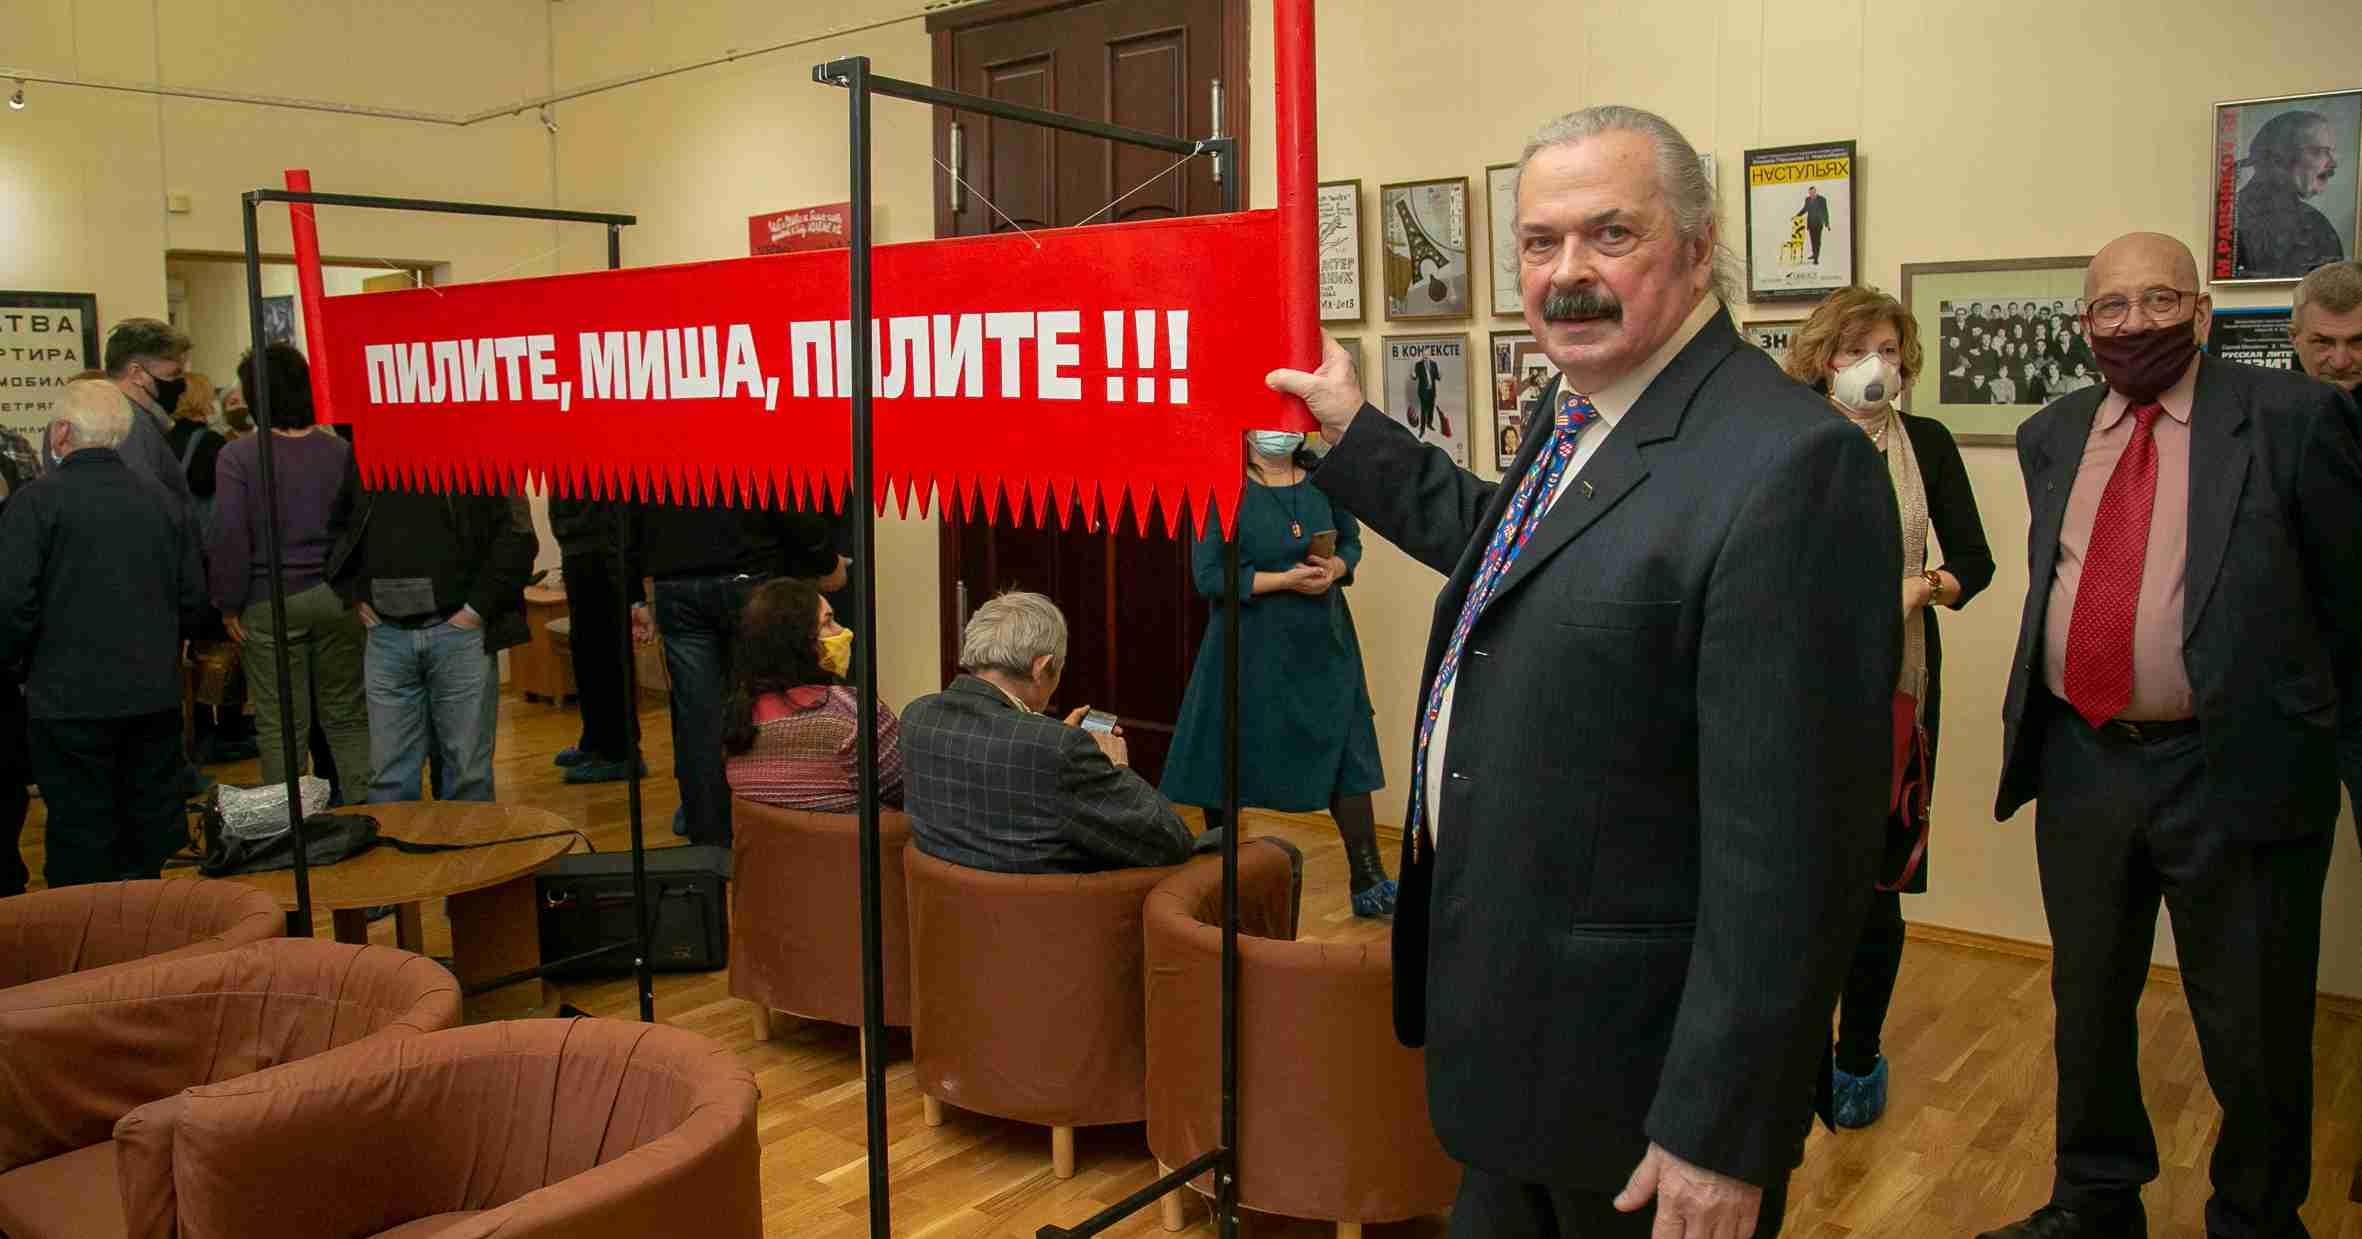 «Пилите, Миша, пилите!» — персональная выставка Михаила Паршикова посвящена 50-летию творческого пути